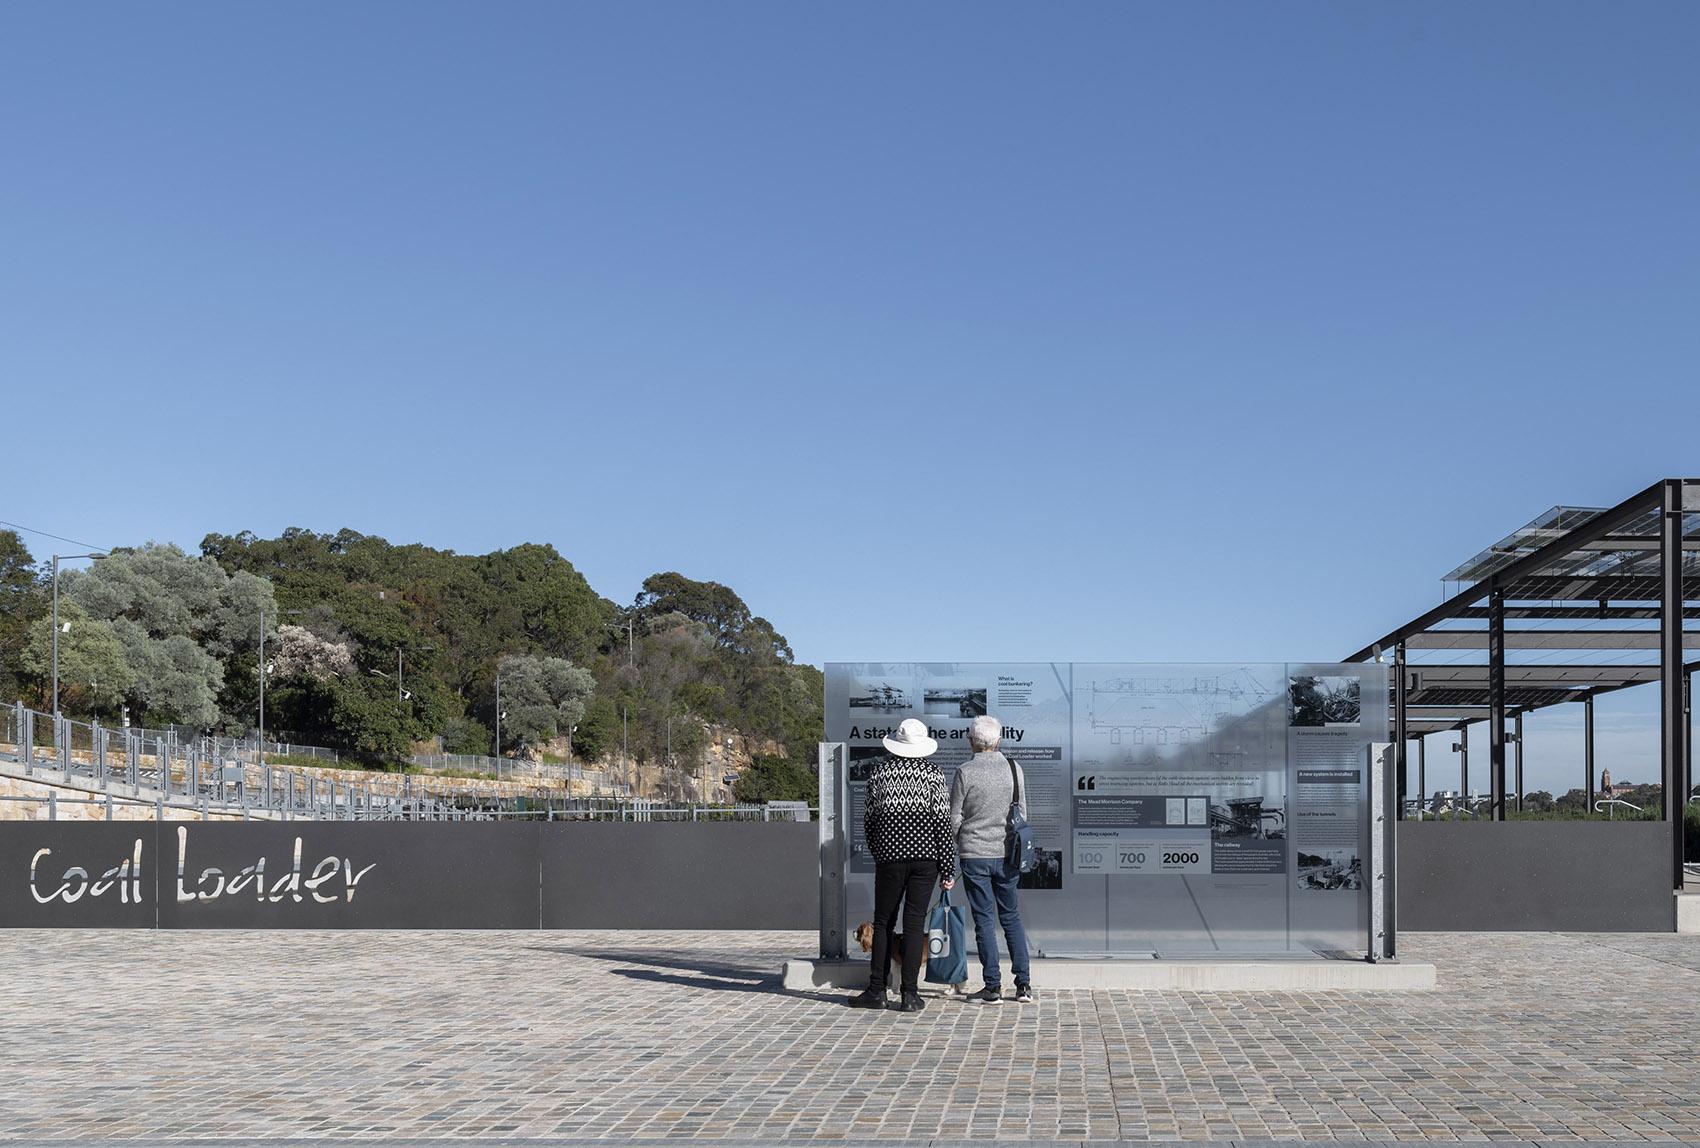 澳大利亚悉尼Coal Loader滨水公园景观设计